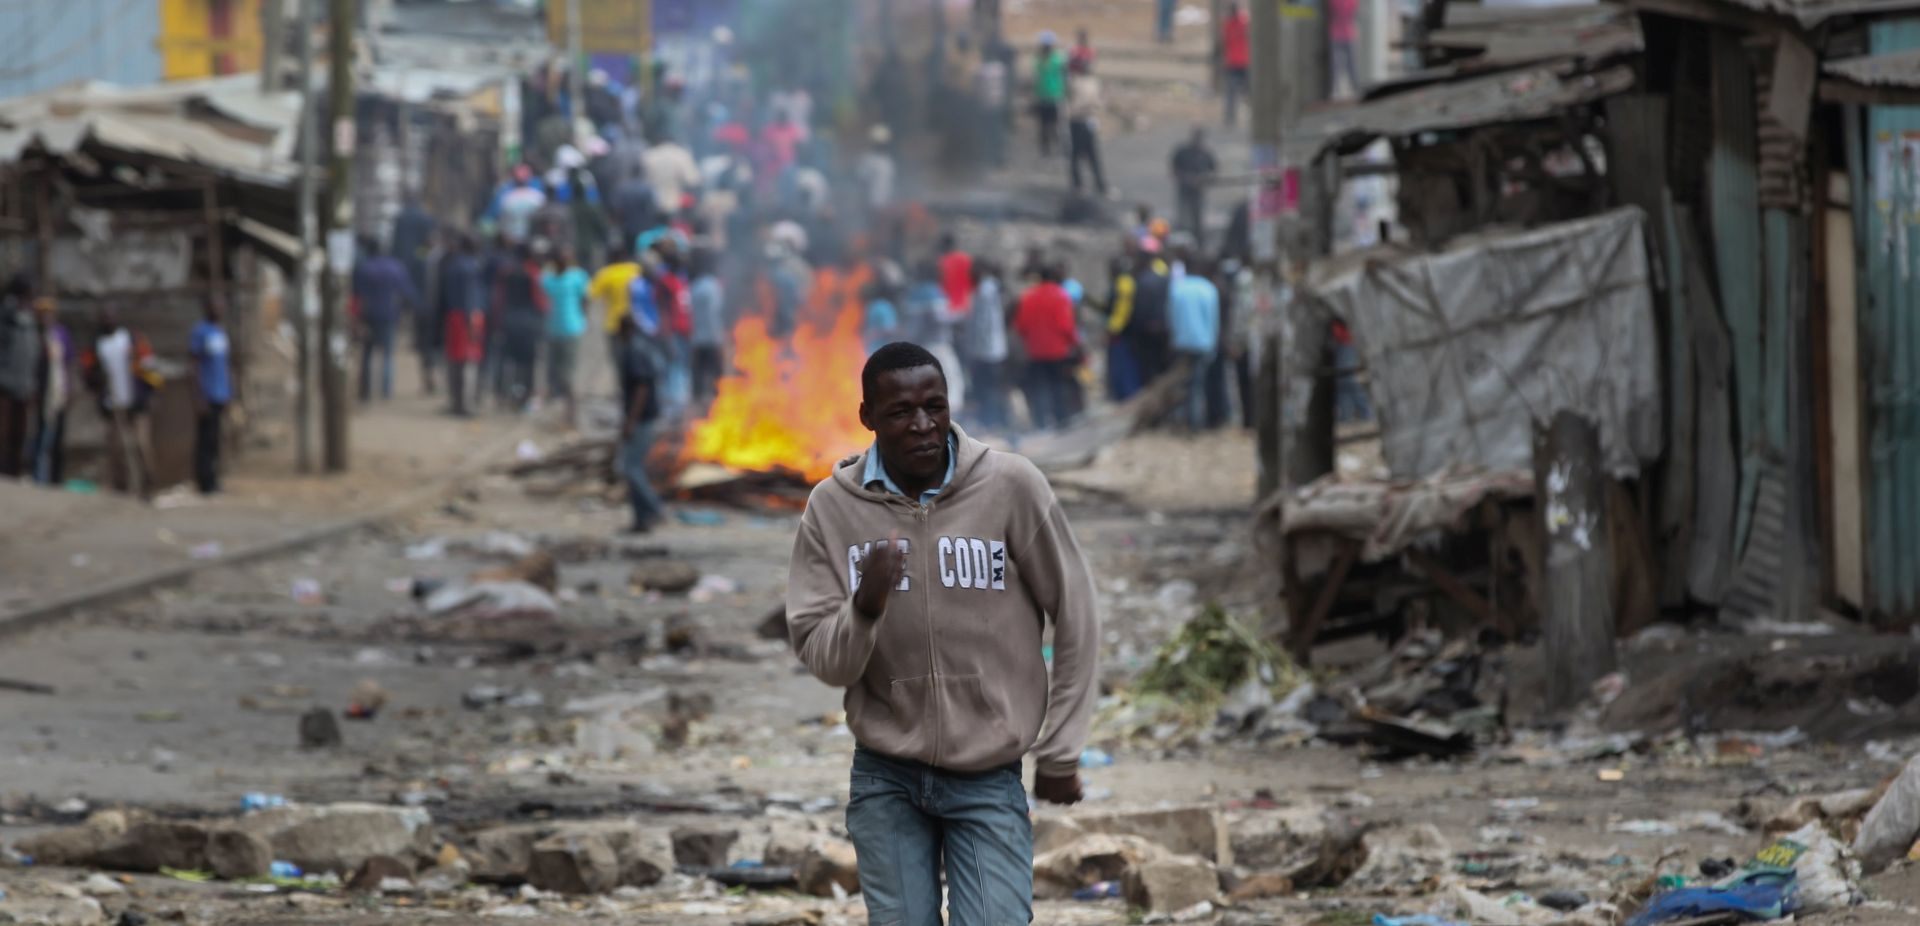 Kenijska oporba tvrdi kako je ubijeno stotinu prosvjednika